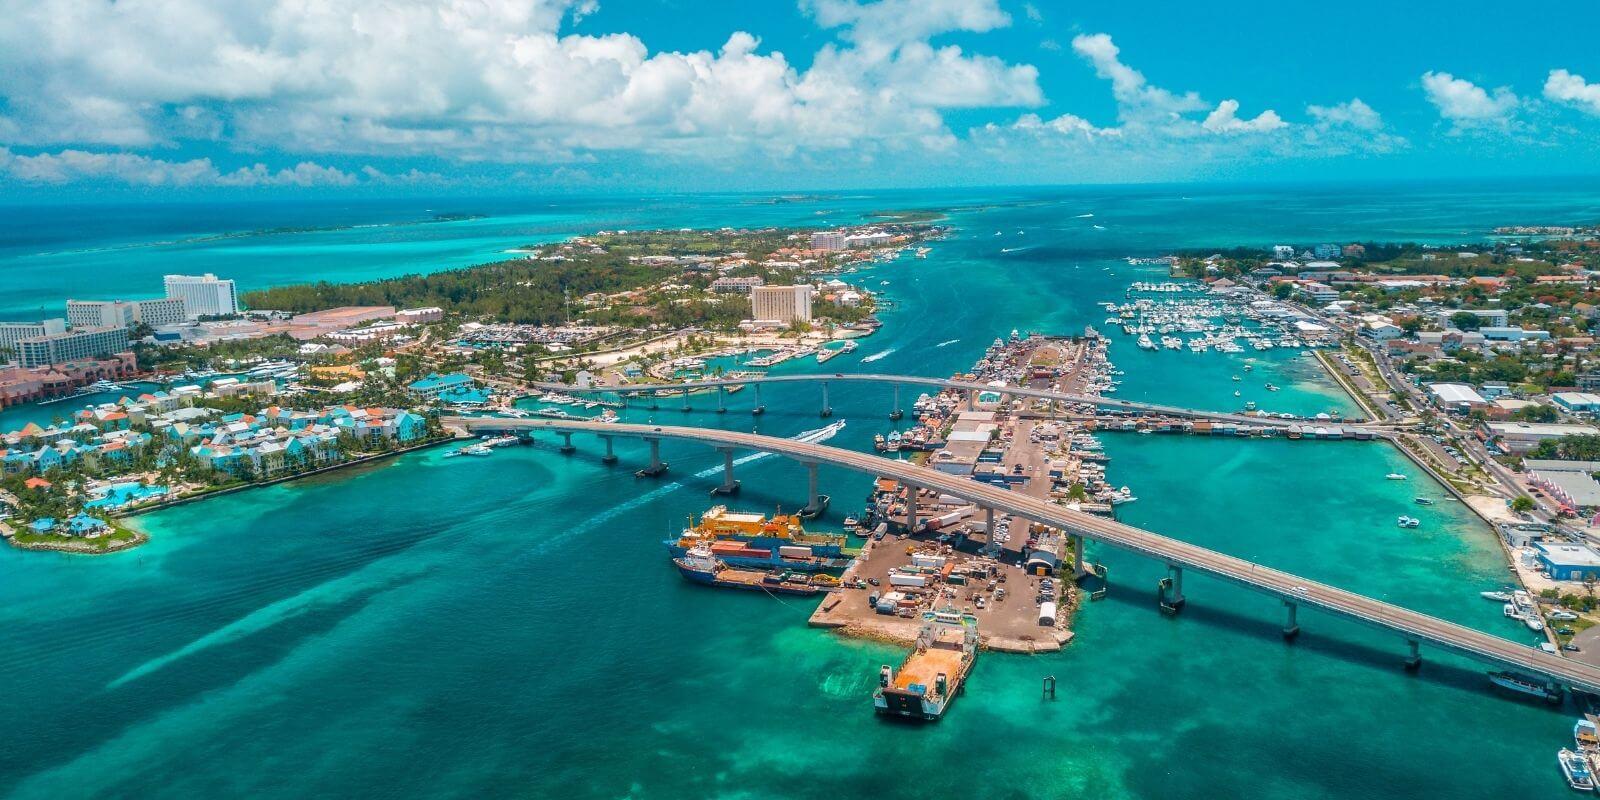 Lancement national du Sand Dollar, la monnaie numérique des Bahamas